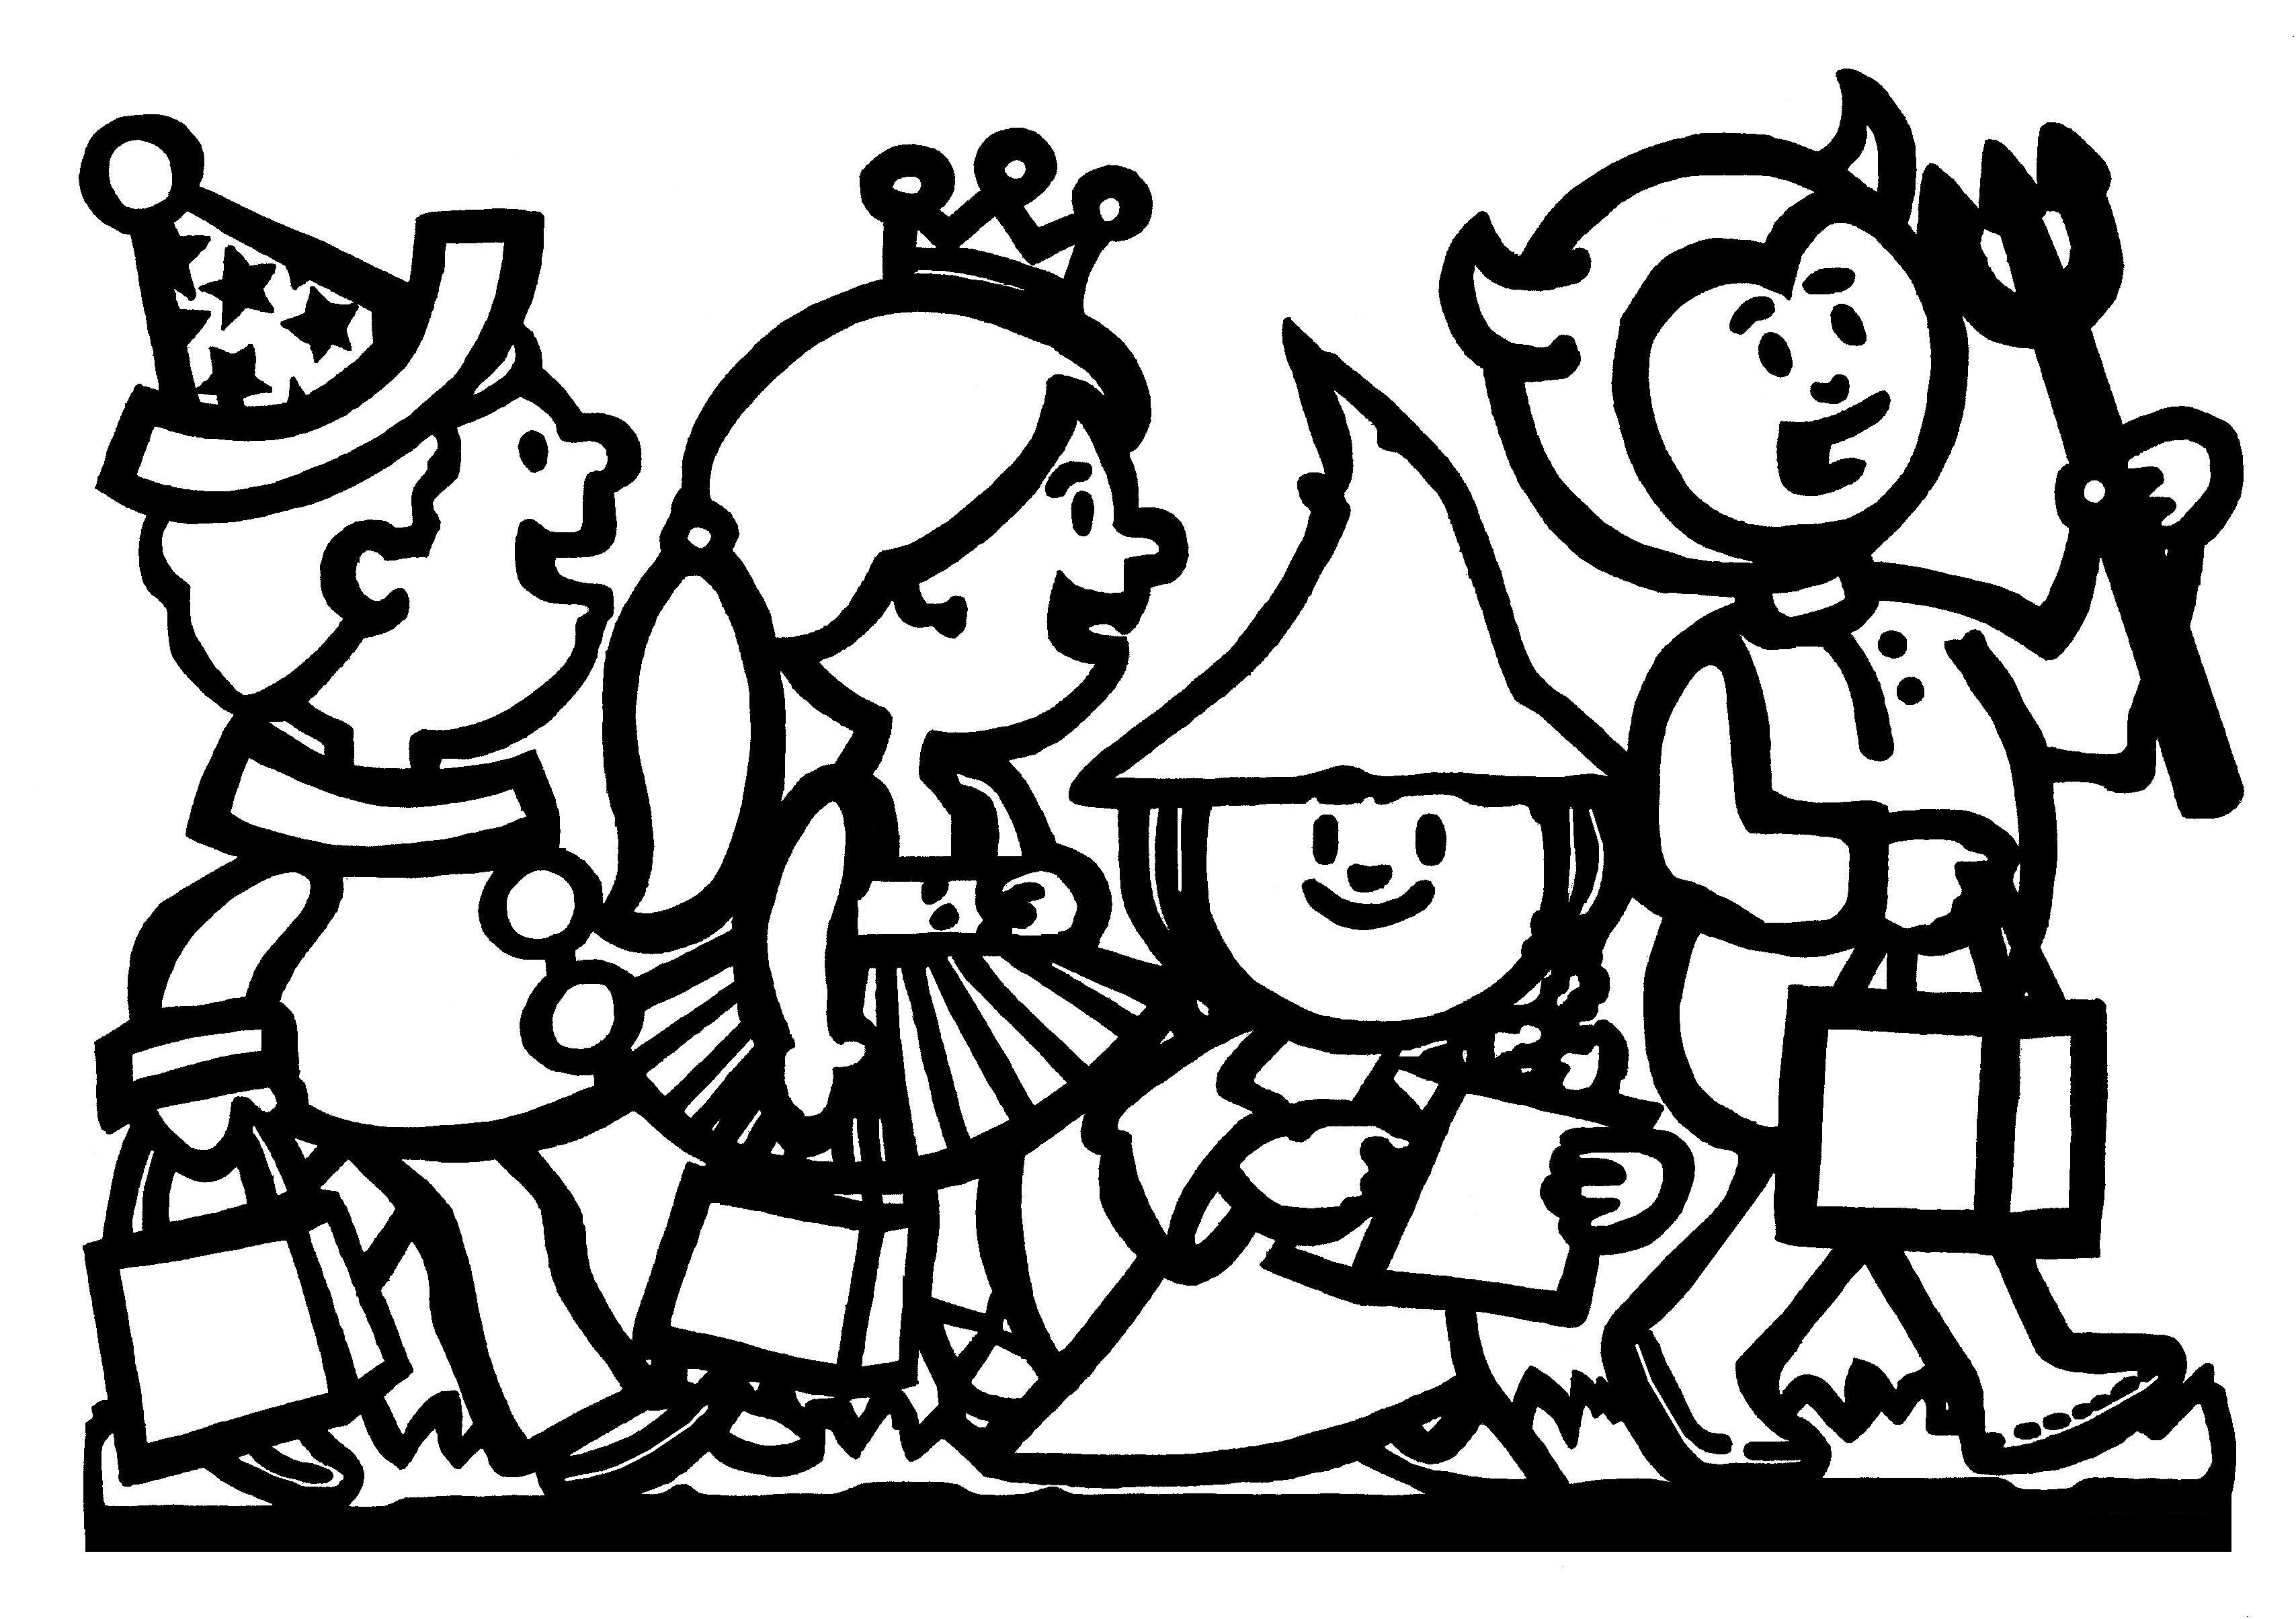 Thema Kleurplaten Halloween.Kleurplaten Thema Halloween Kleurplaten Creatief Met Kinderen